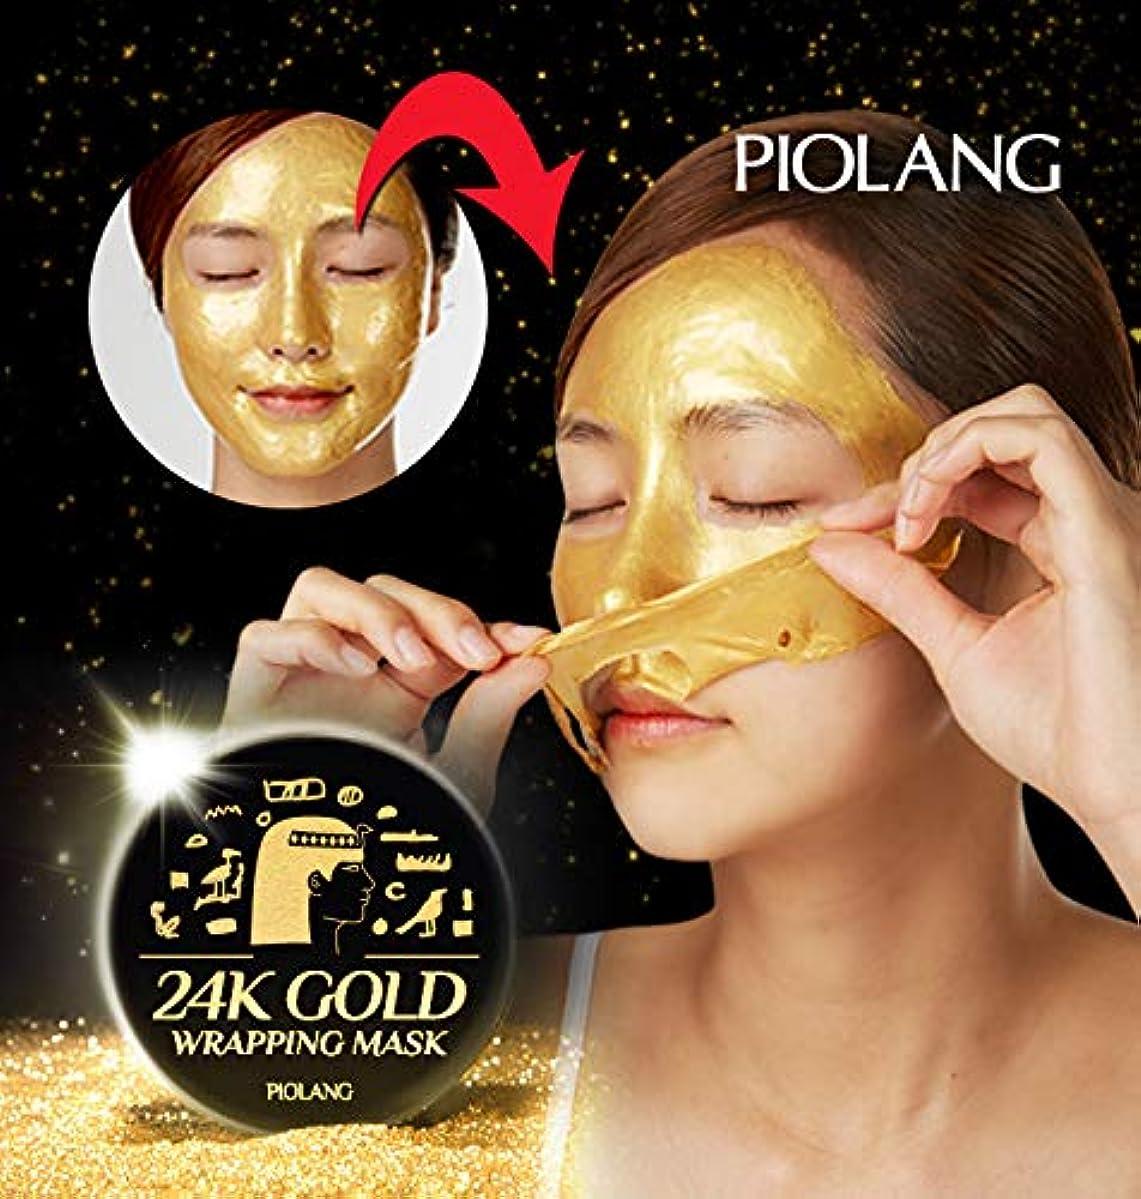 インタビュー熟すラフ睡眠Esthetic House[エステティックハウス] ピオラン(Piolang) 24Kゴールドラッピングマスク80ml (しわケアパックをはがす) / 24K Gold Wrapping Mask